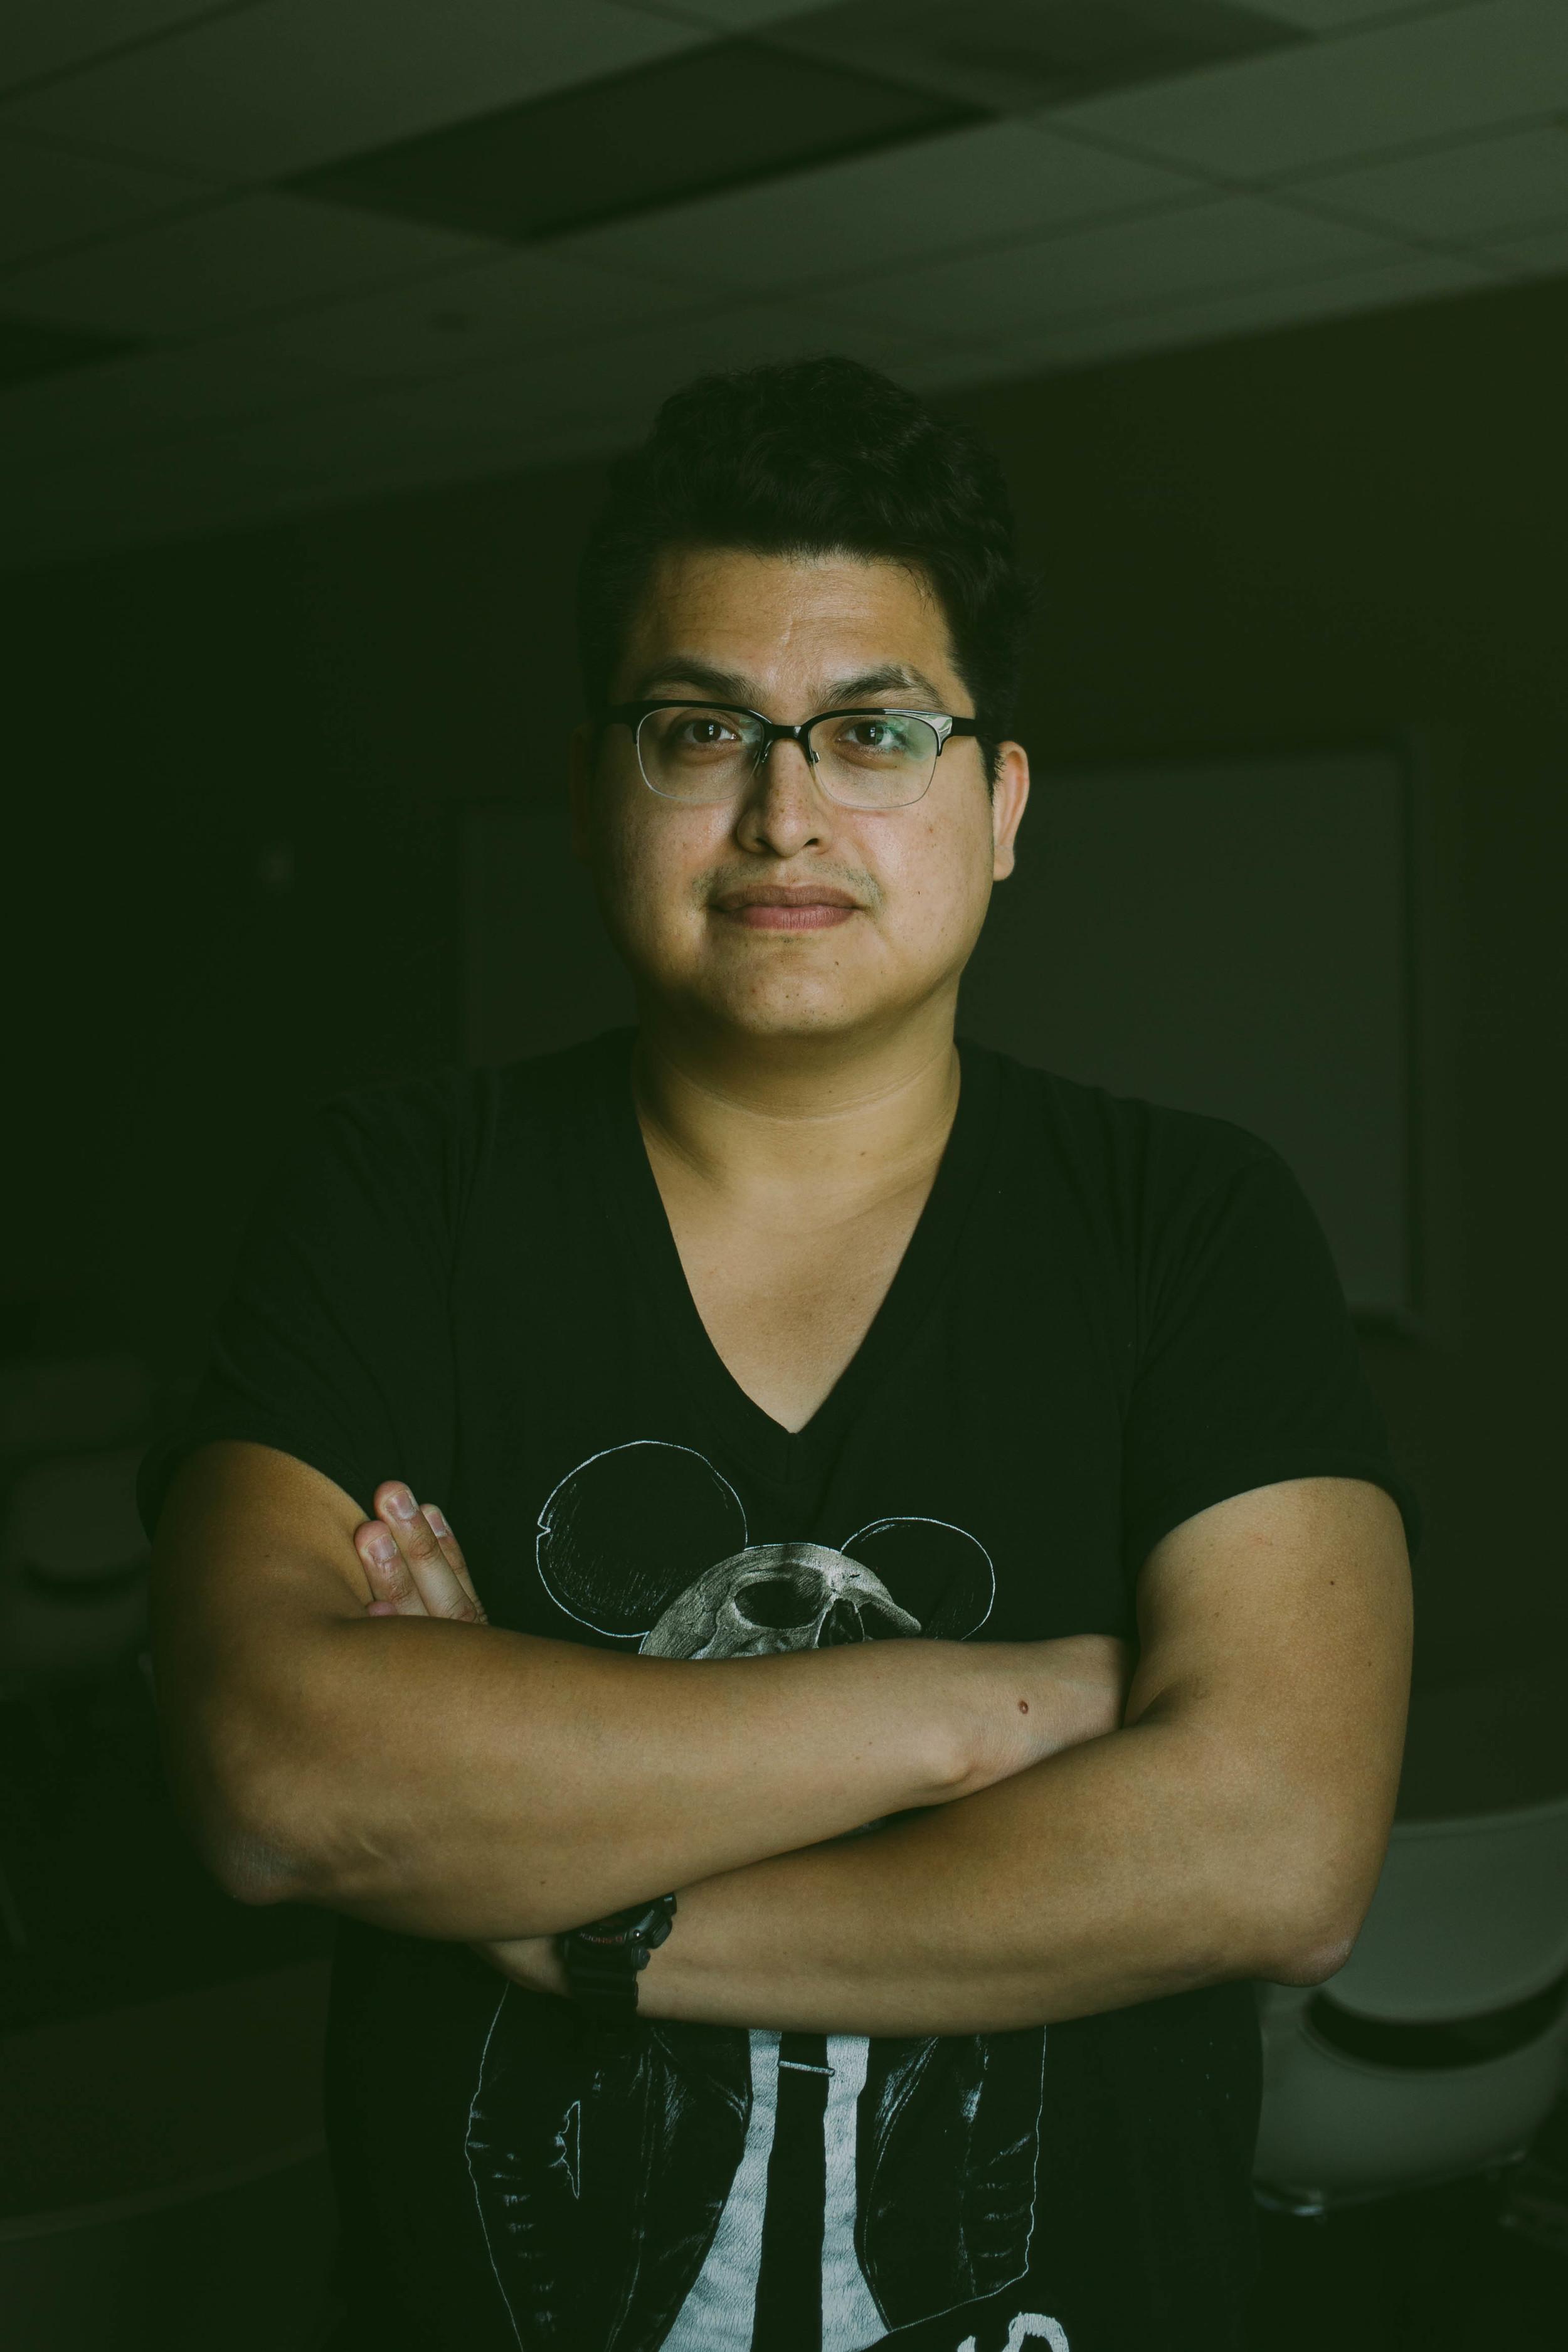 ANDY ALVAREZ